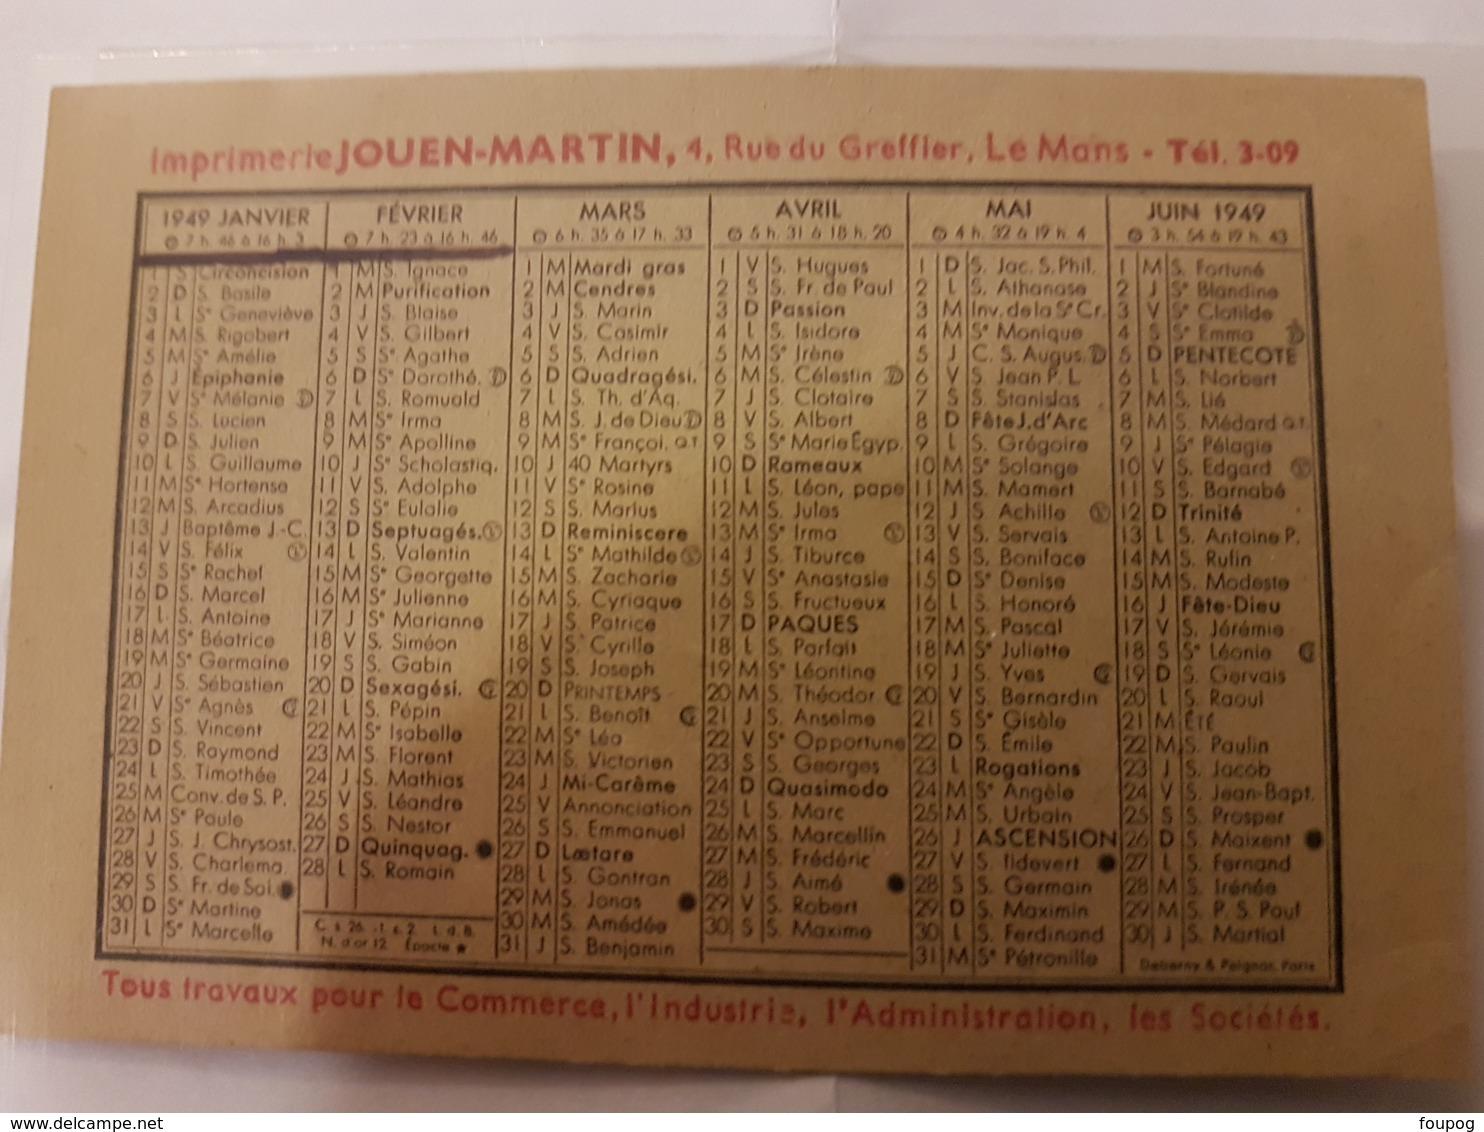 CALENDRIER 1949 IMPRIMERIE JOUEN MARTIN PETIT FORMAT - Calendriers